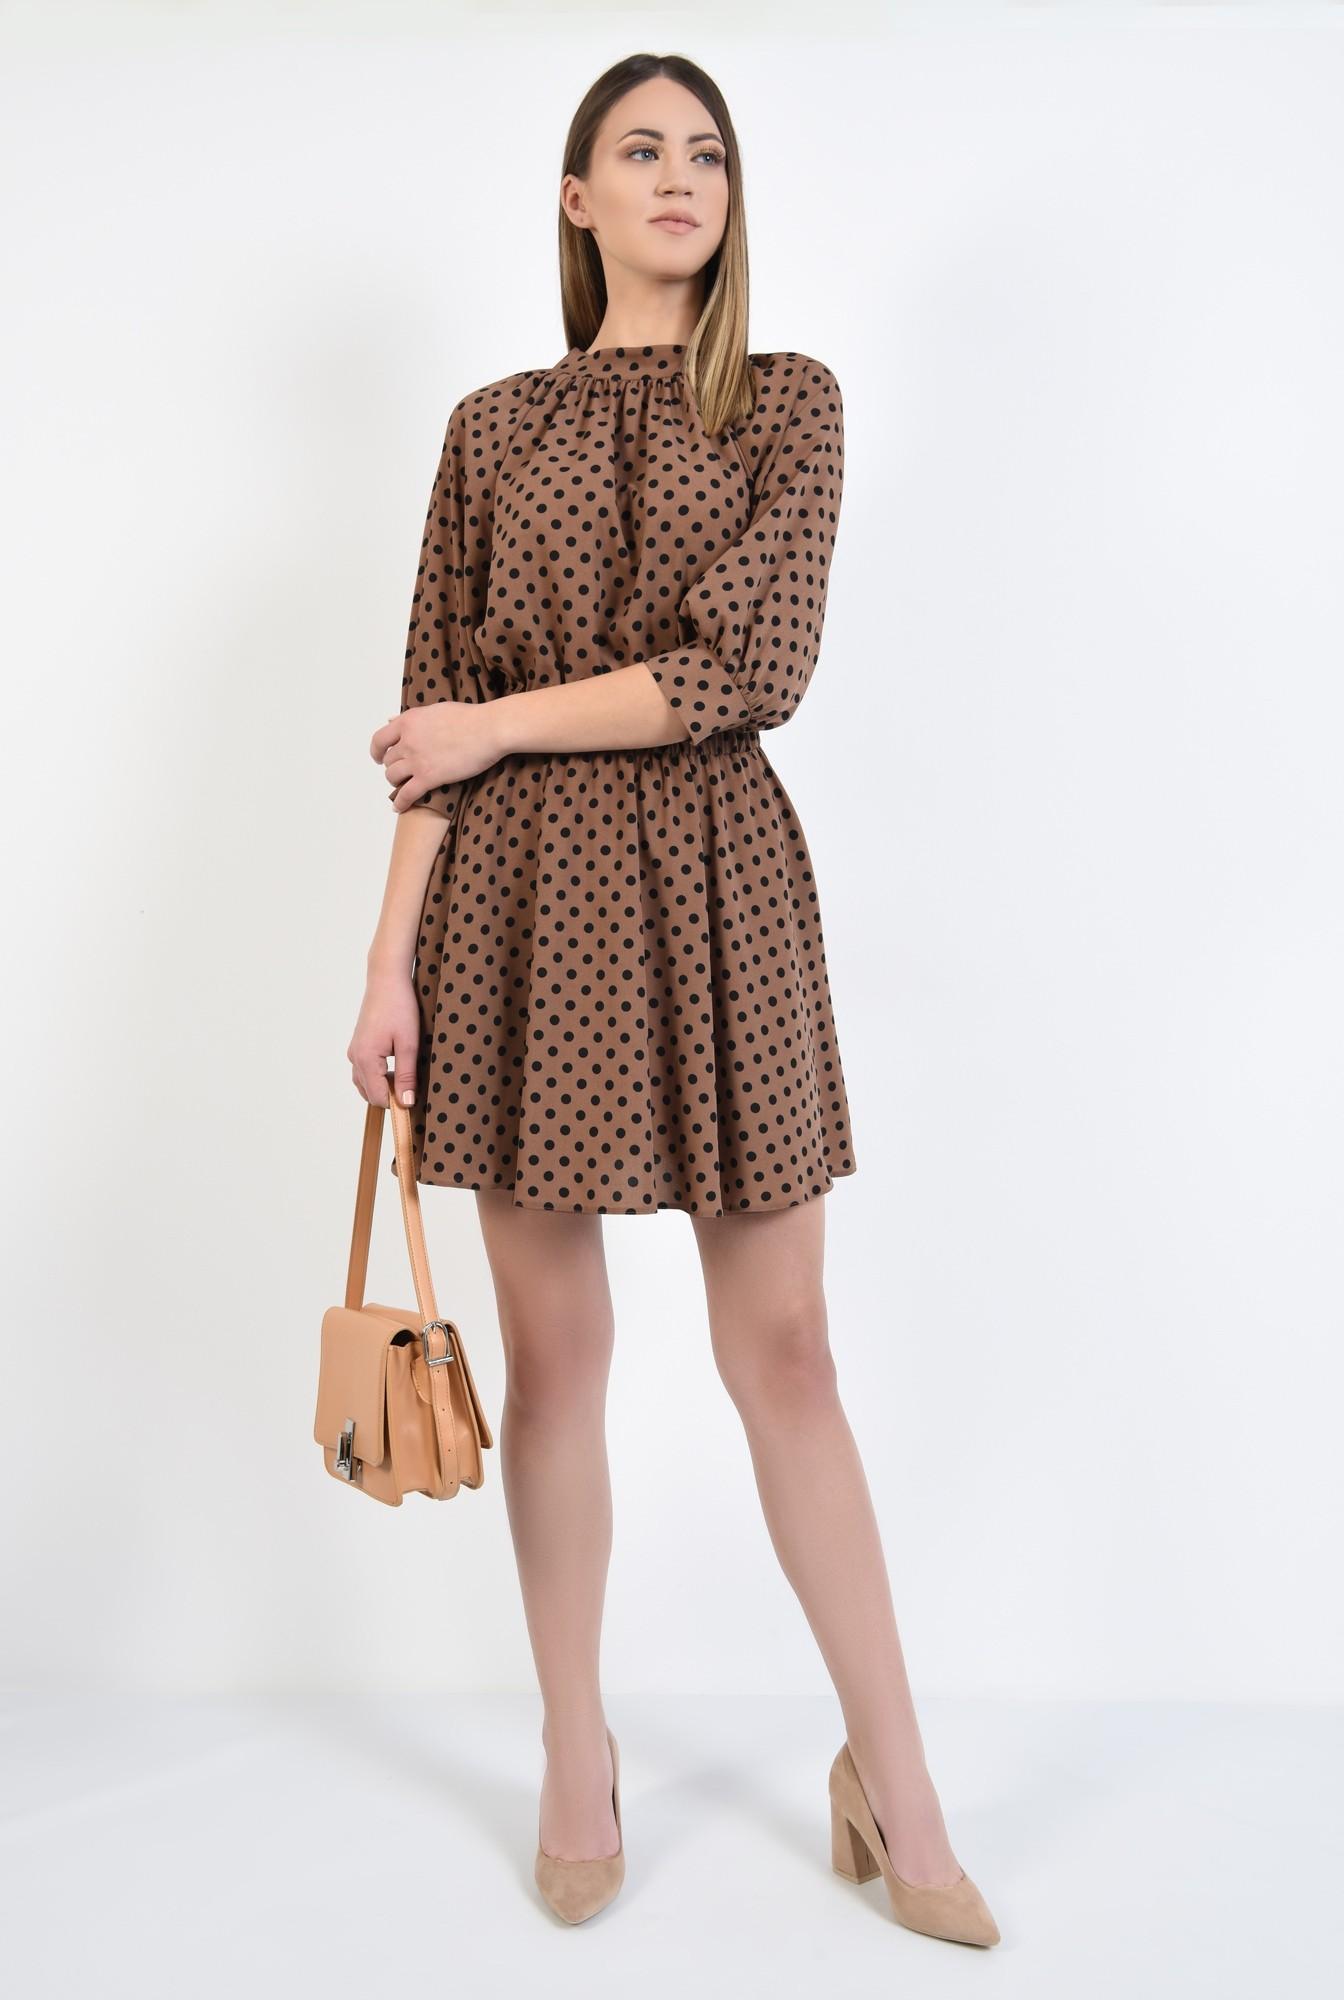 3 - rochie cu imprimeu, scurta, clos, maro, cu guler, elastic in talie